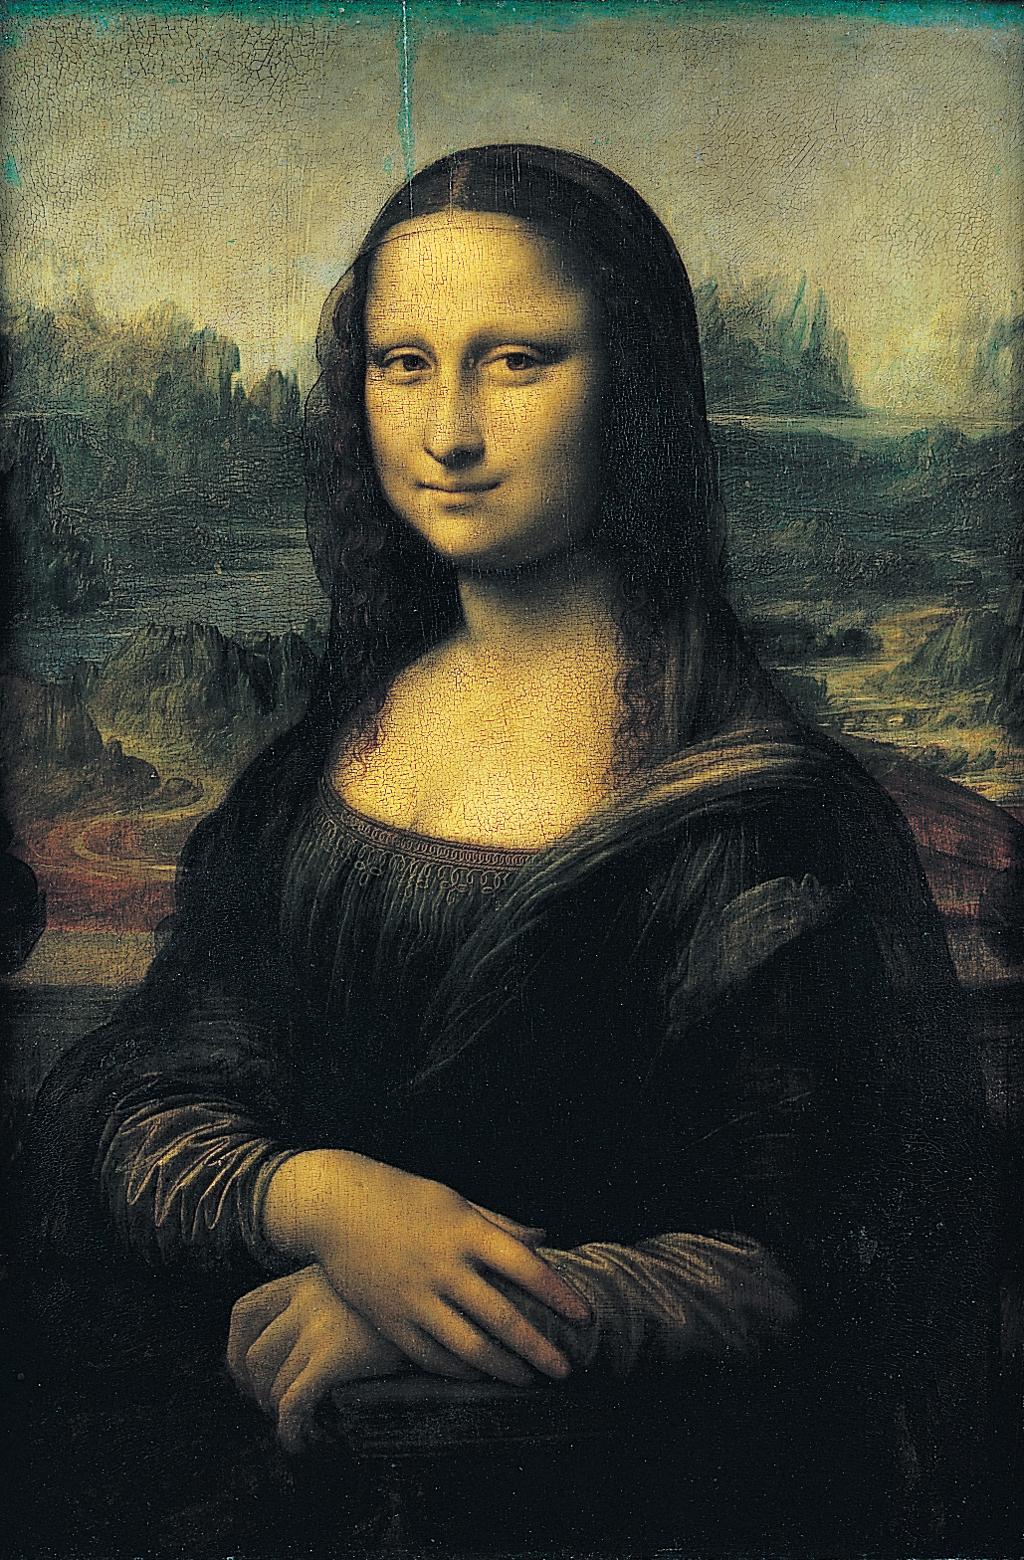 Det kjente maleriet av Mona Lisa. Maleri.